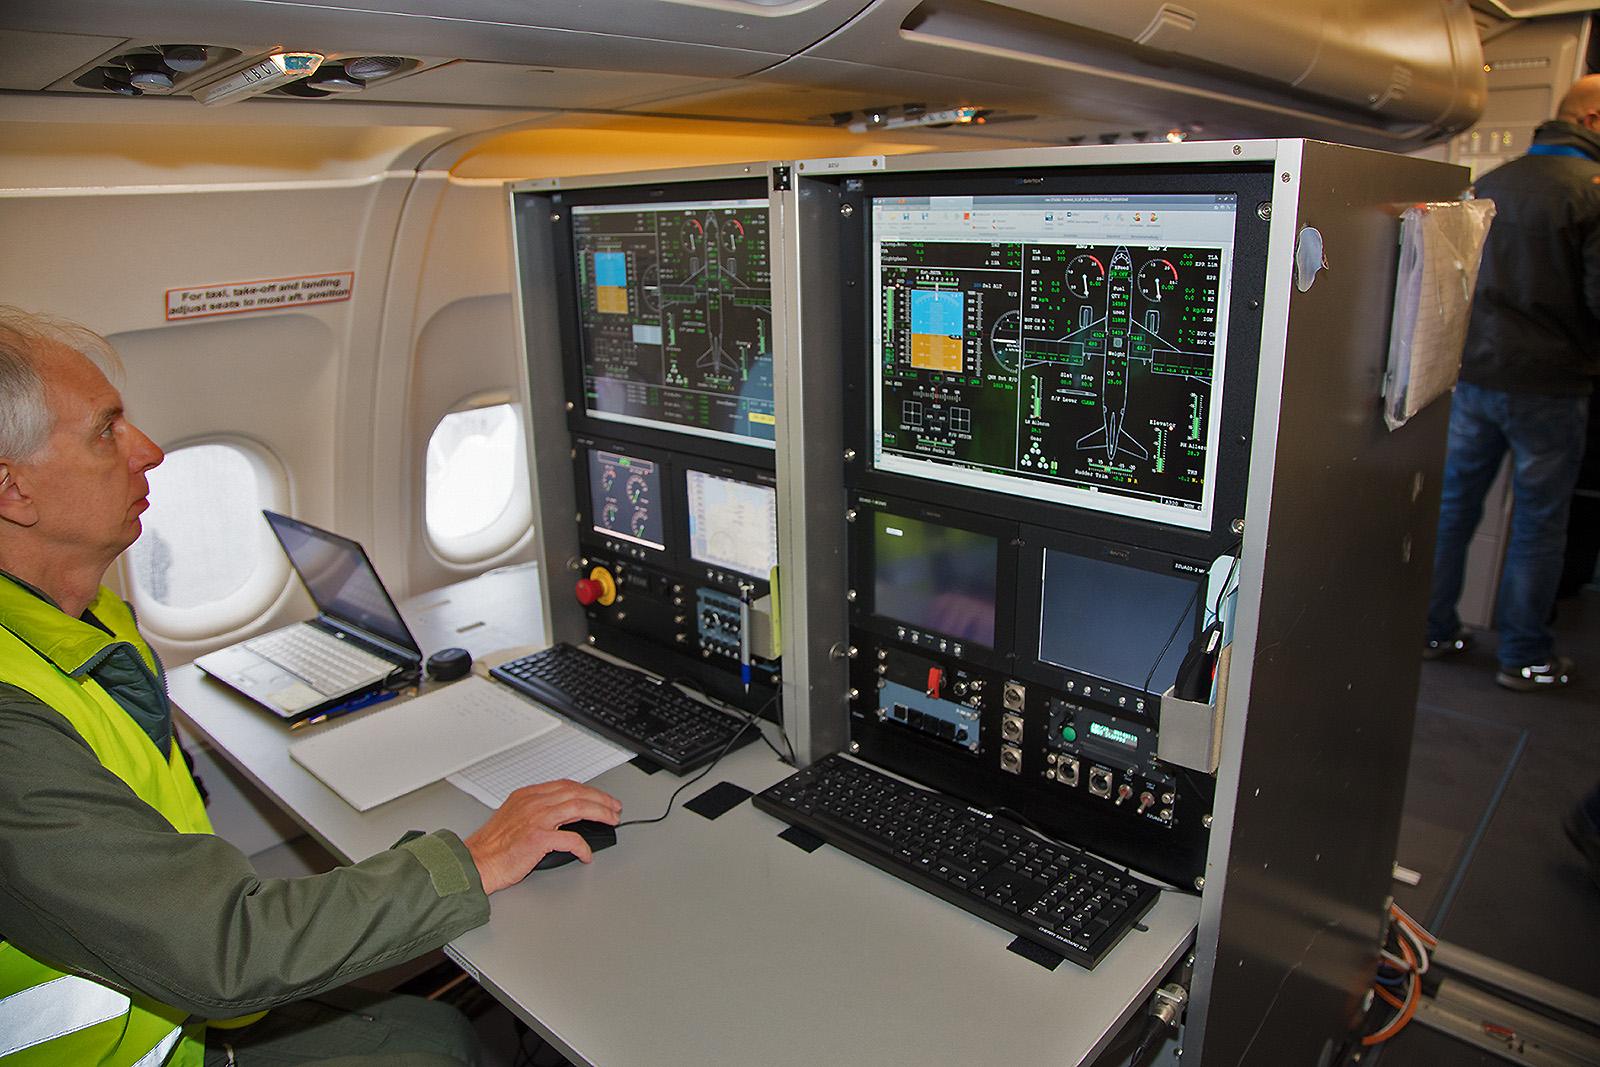 Ein Arbeitsplatz im Airbus des DLR, von hier aus können sämtliche Parameter der Maschine überwacht werden.